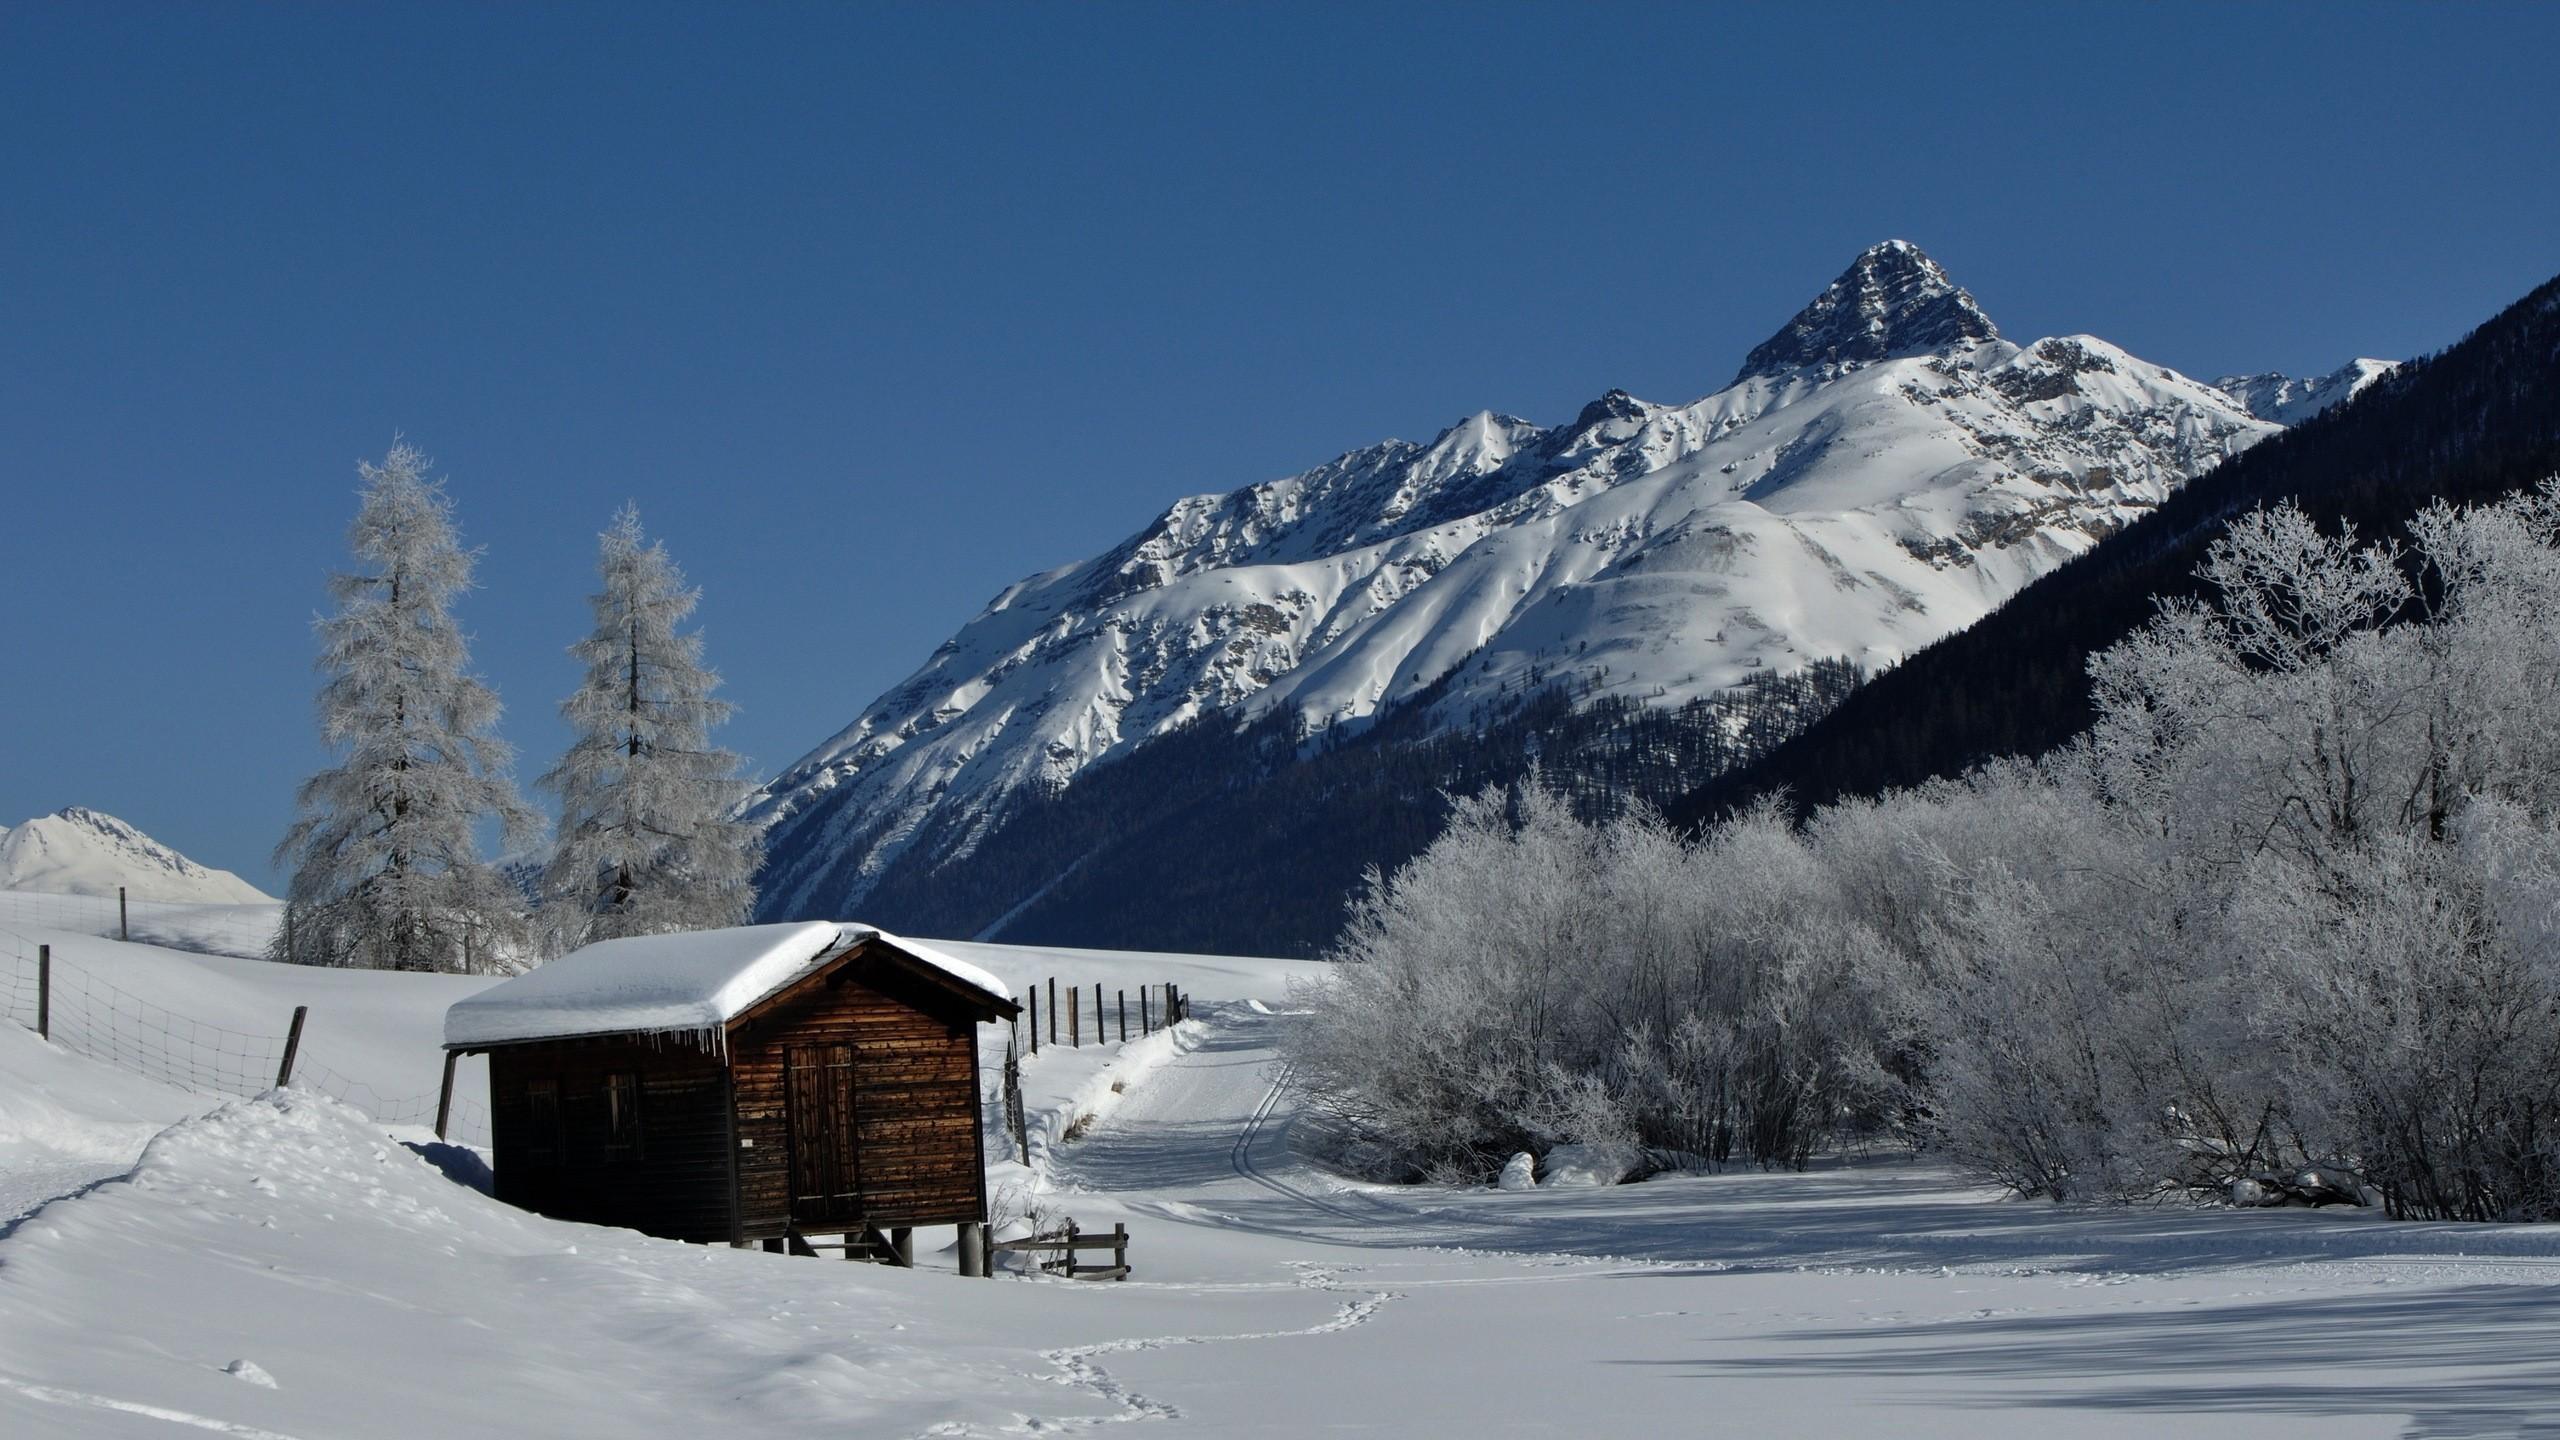 Картинки на зиму на обои дома в далеке, вознесением